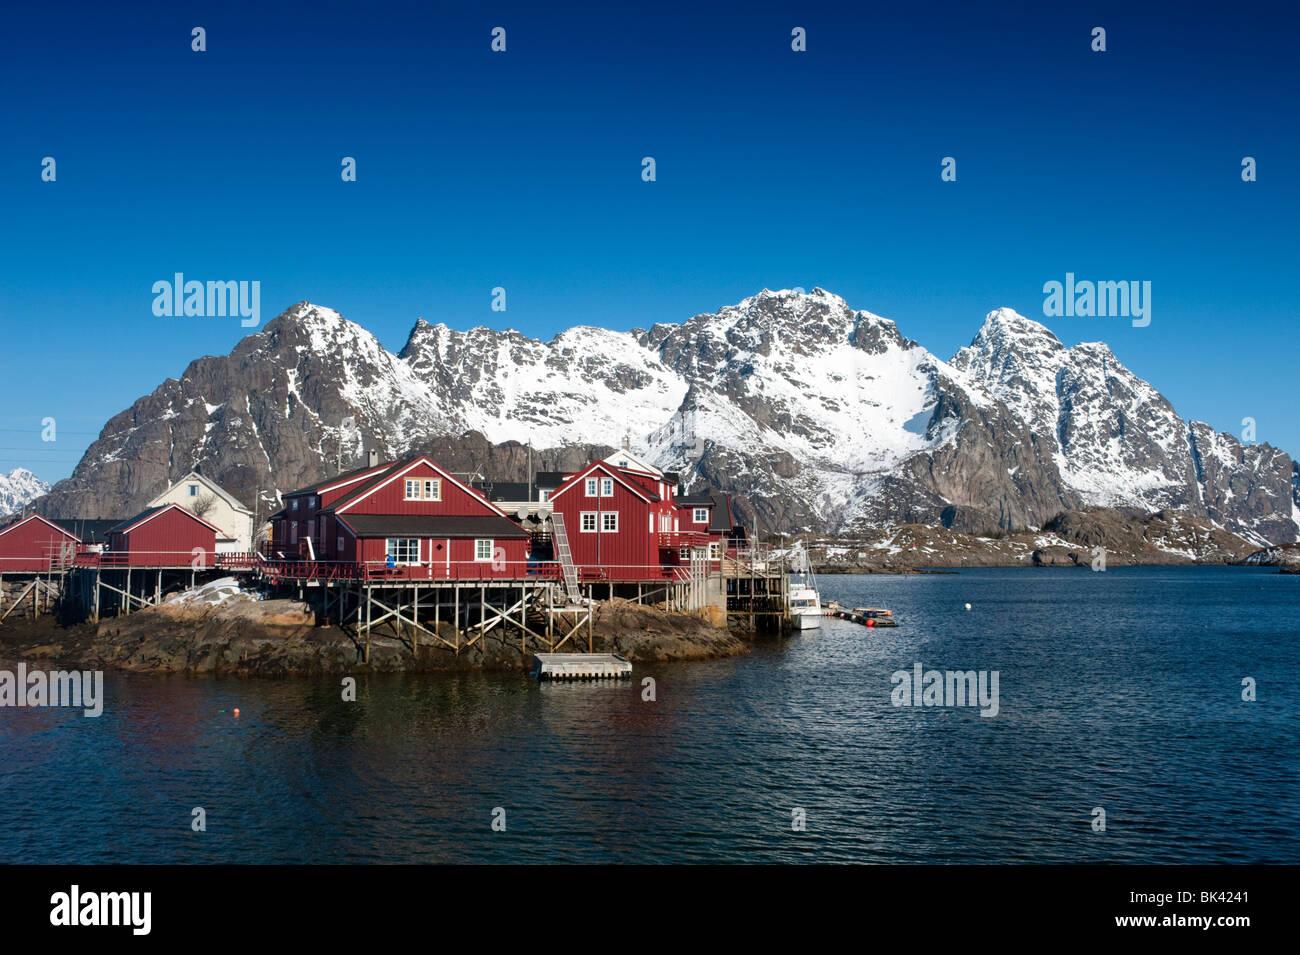 """Madera roja tradicionales cabañas Rorbu fishermens"""" en el pueblo de Henningsvaer en las islas Lofoten Imagen De Stock"""